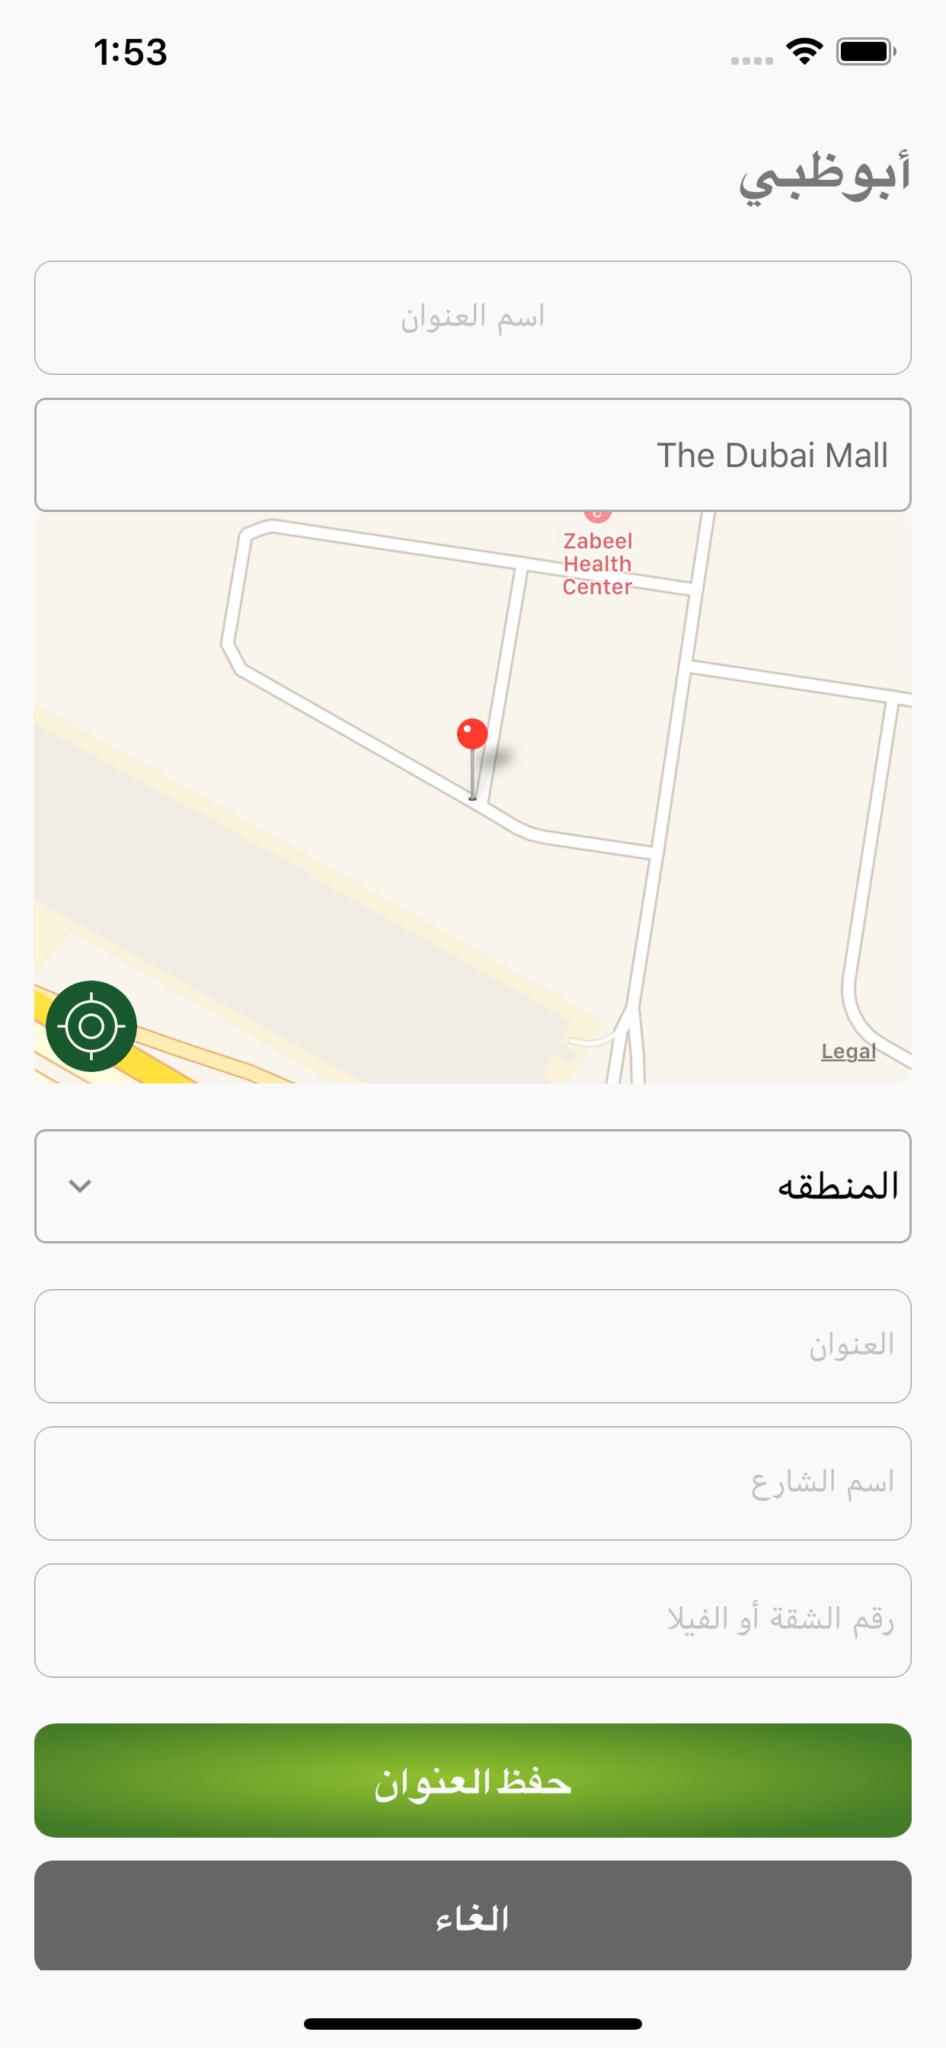 ٦. أضف عنوانك على الخريطة و تفاصيل العنوان